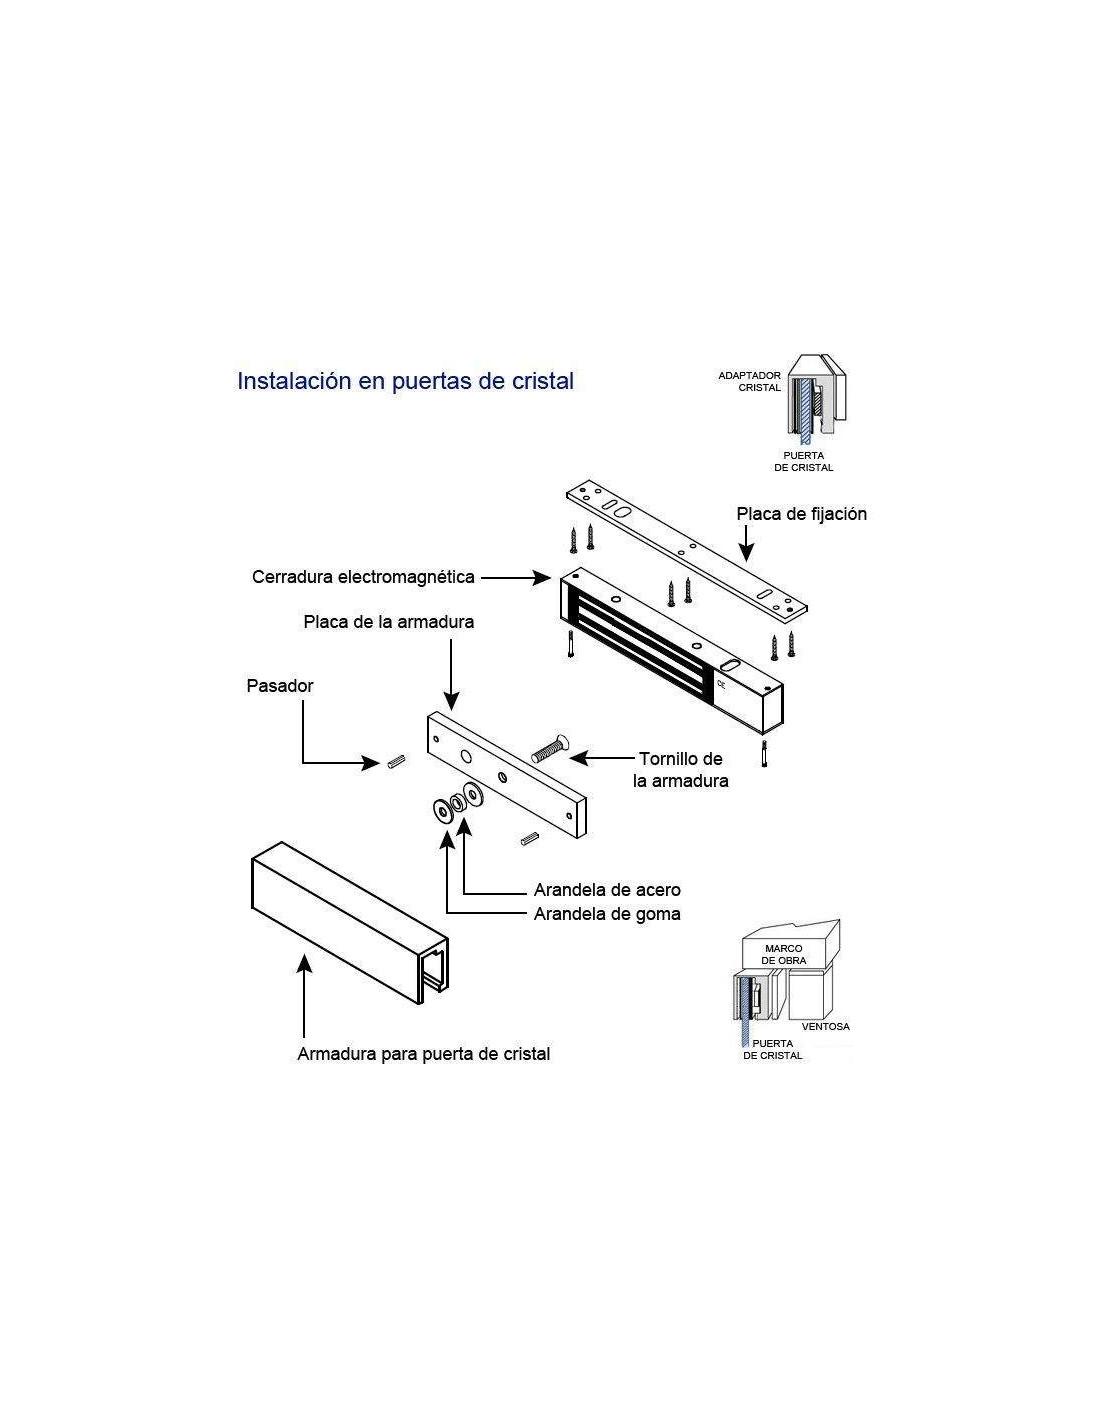 Cerradura el ctrica monitorizada de 300kg tsimplifica - Instalacion electrica superficie ...